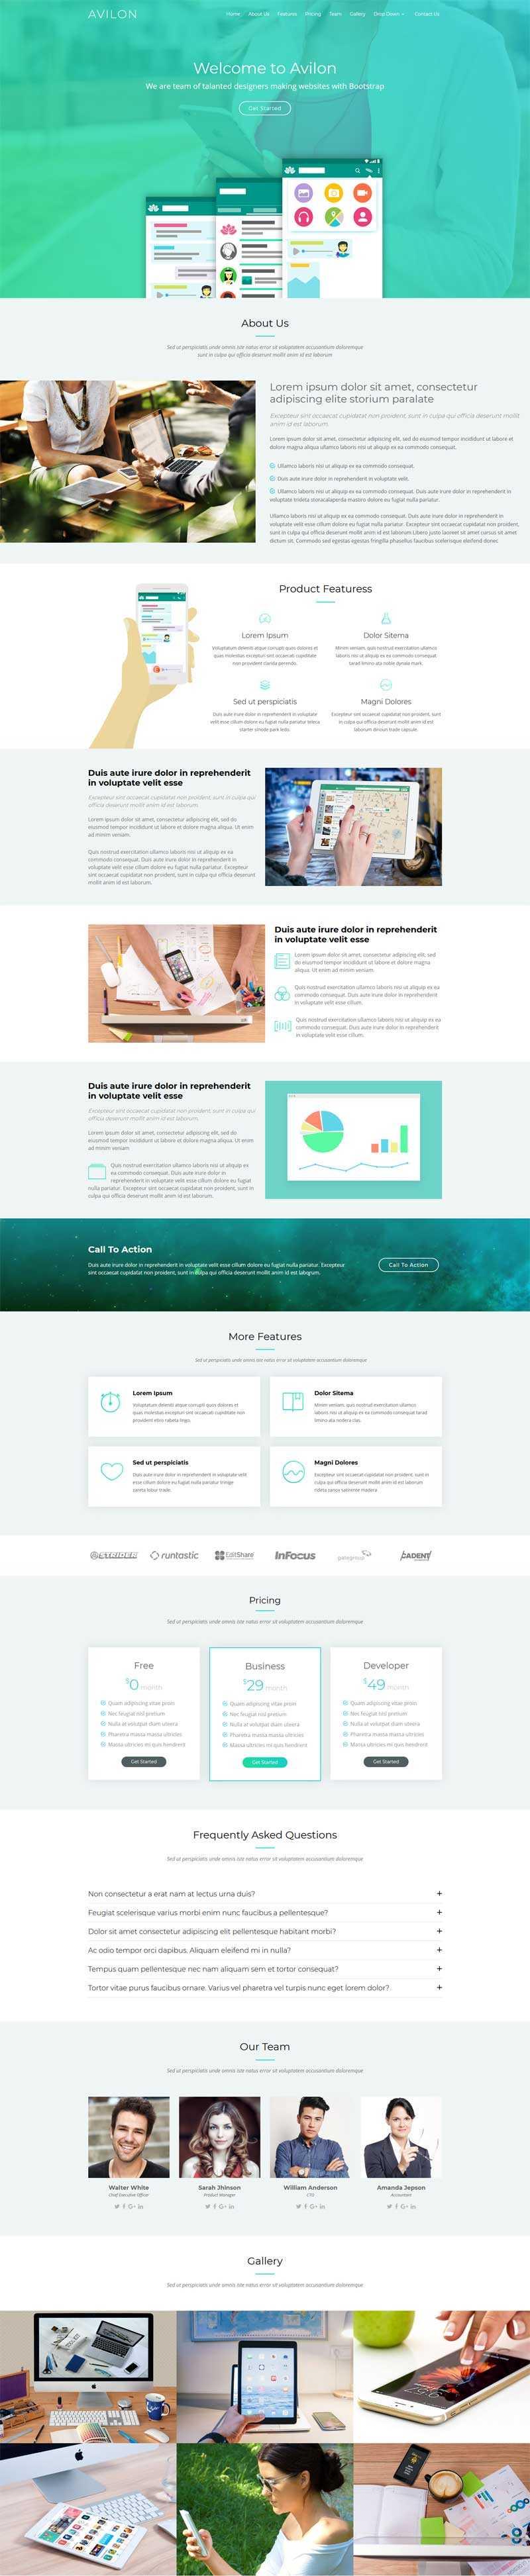 绿色的企业产品介绍单页动画html5模板